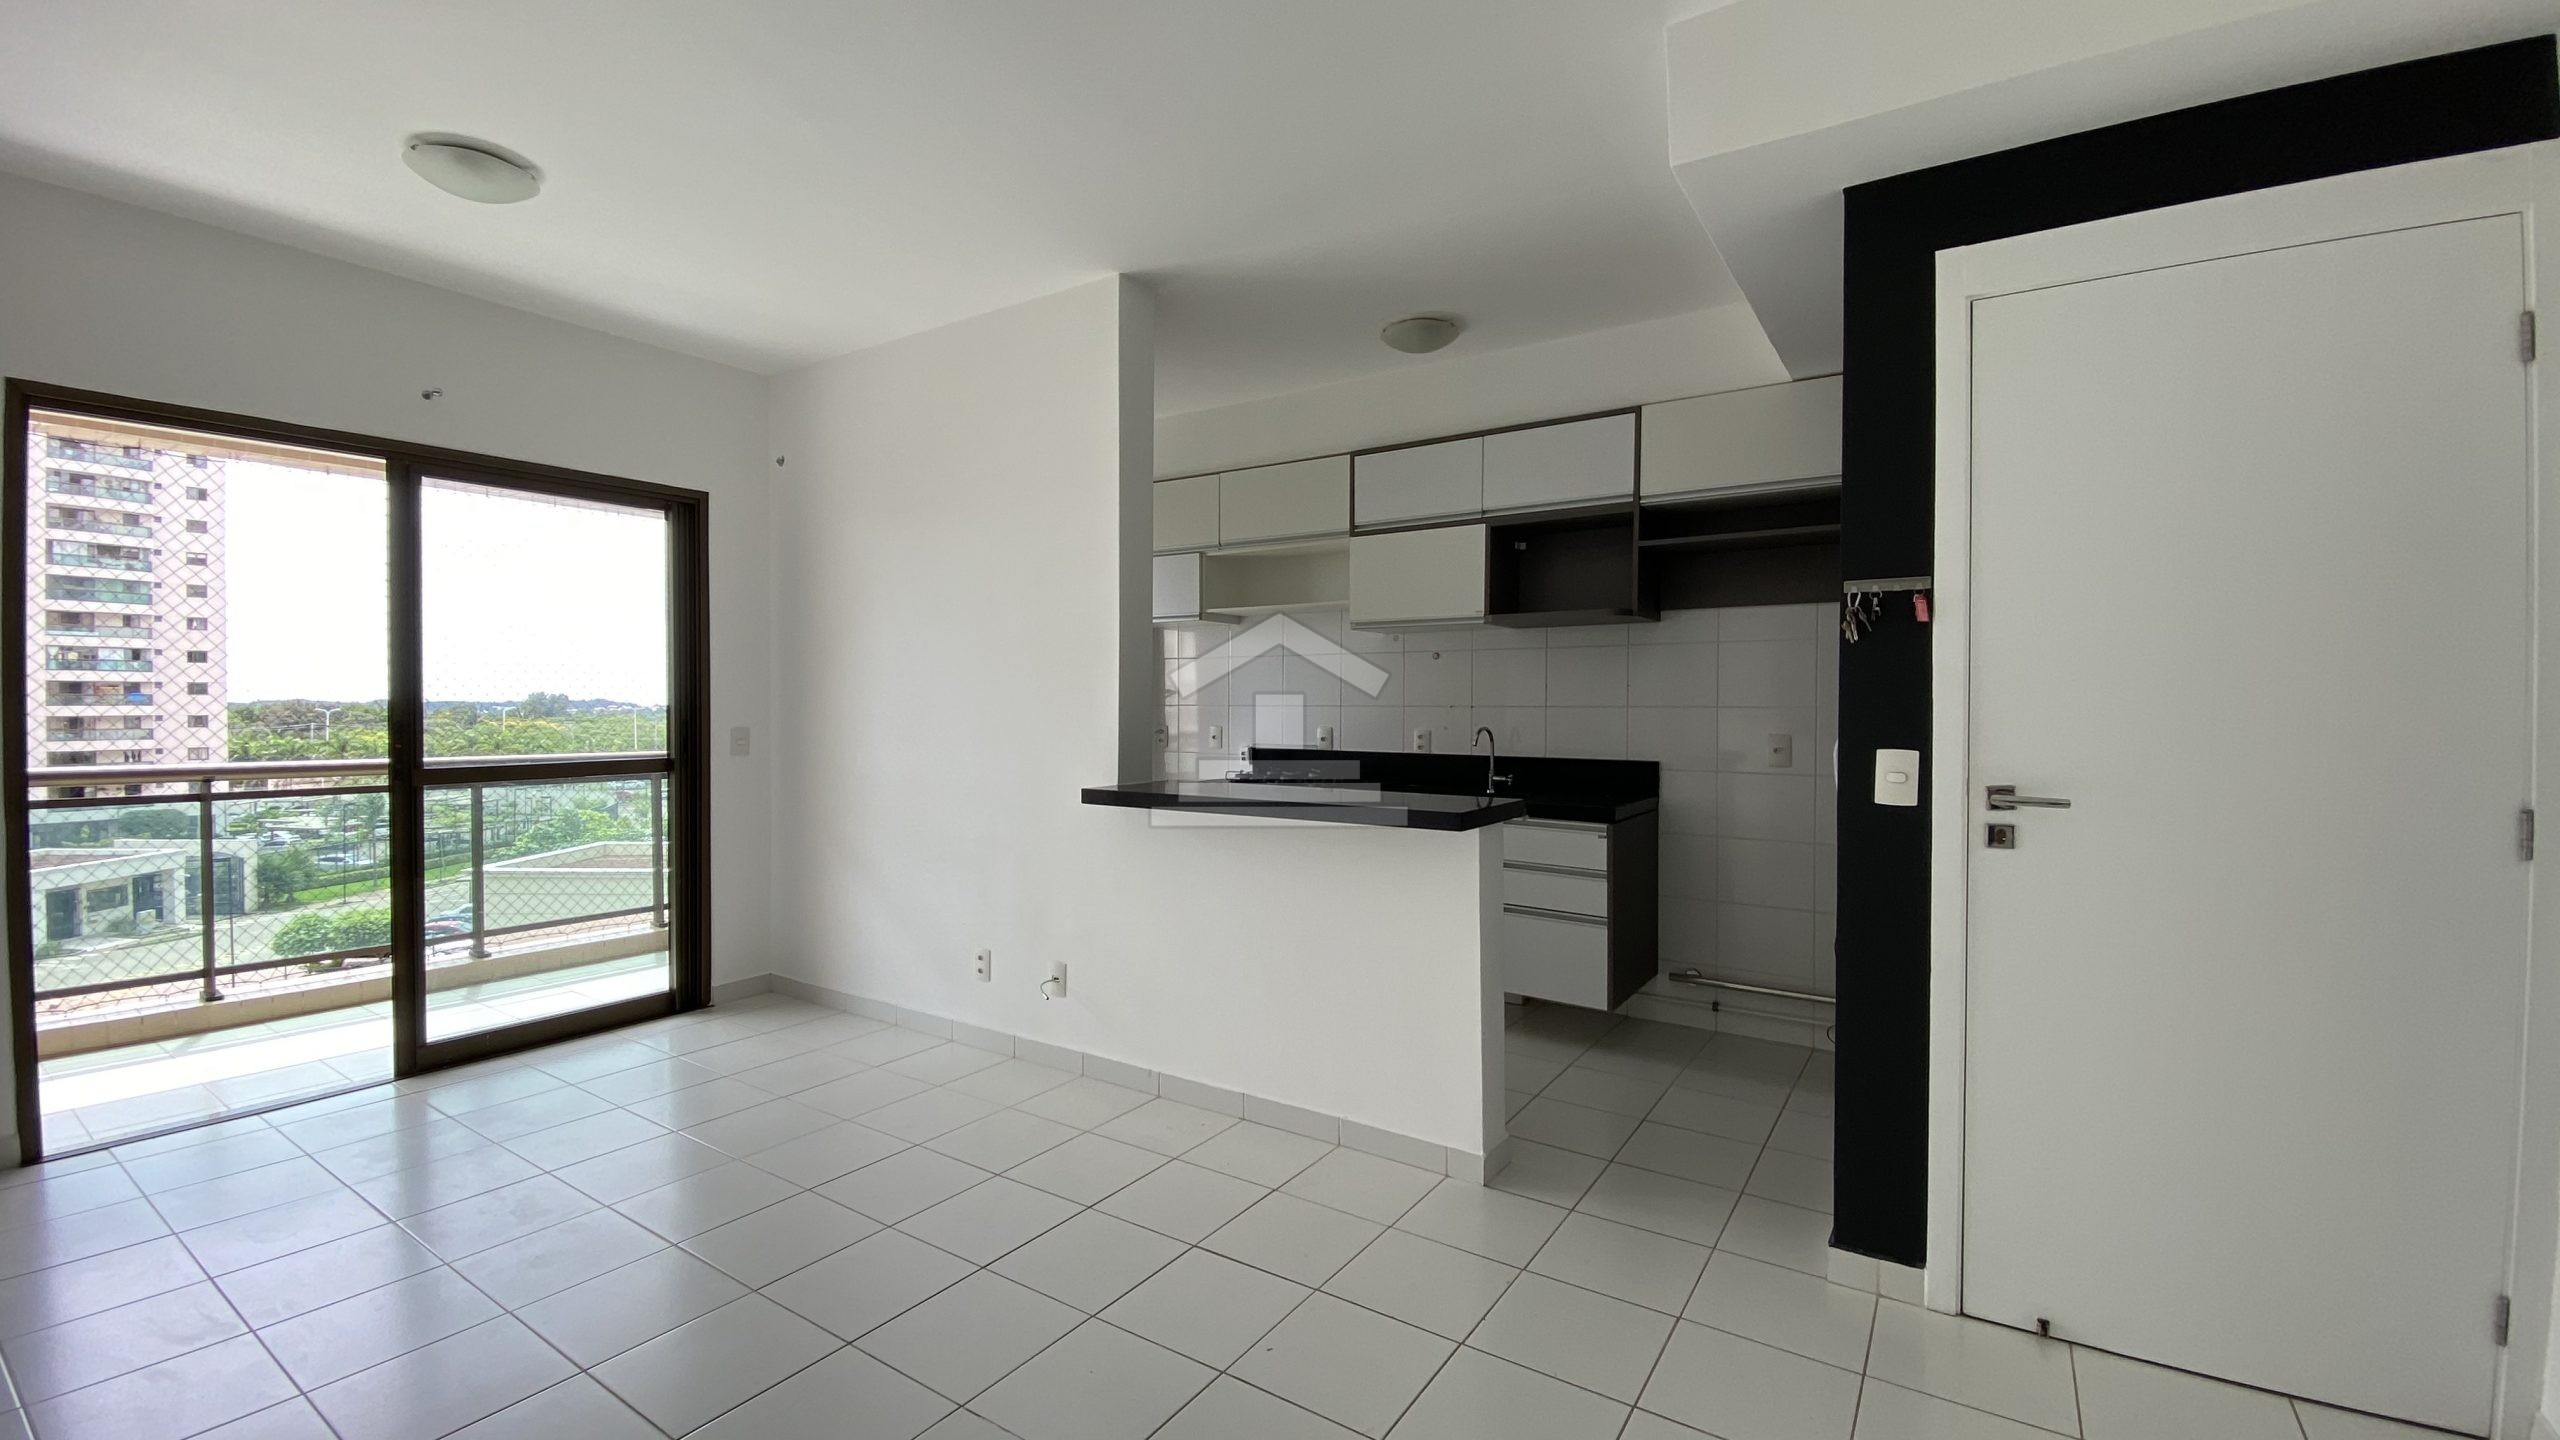 Apartamento no Altos do Calhau com 02 quartos